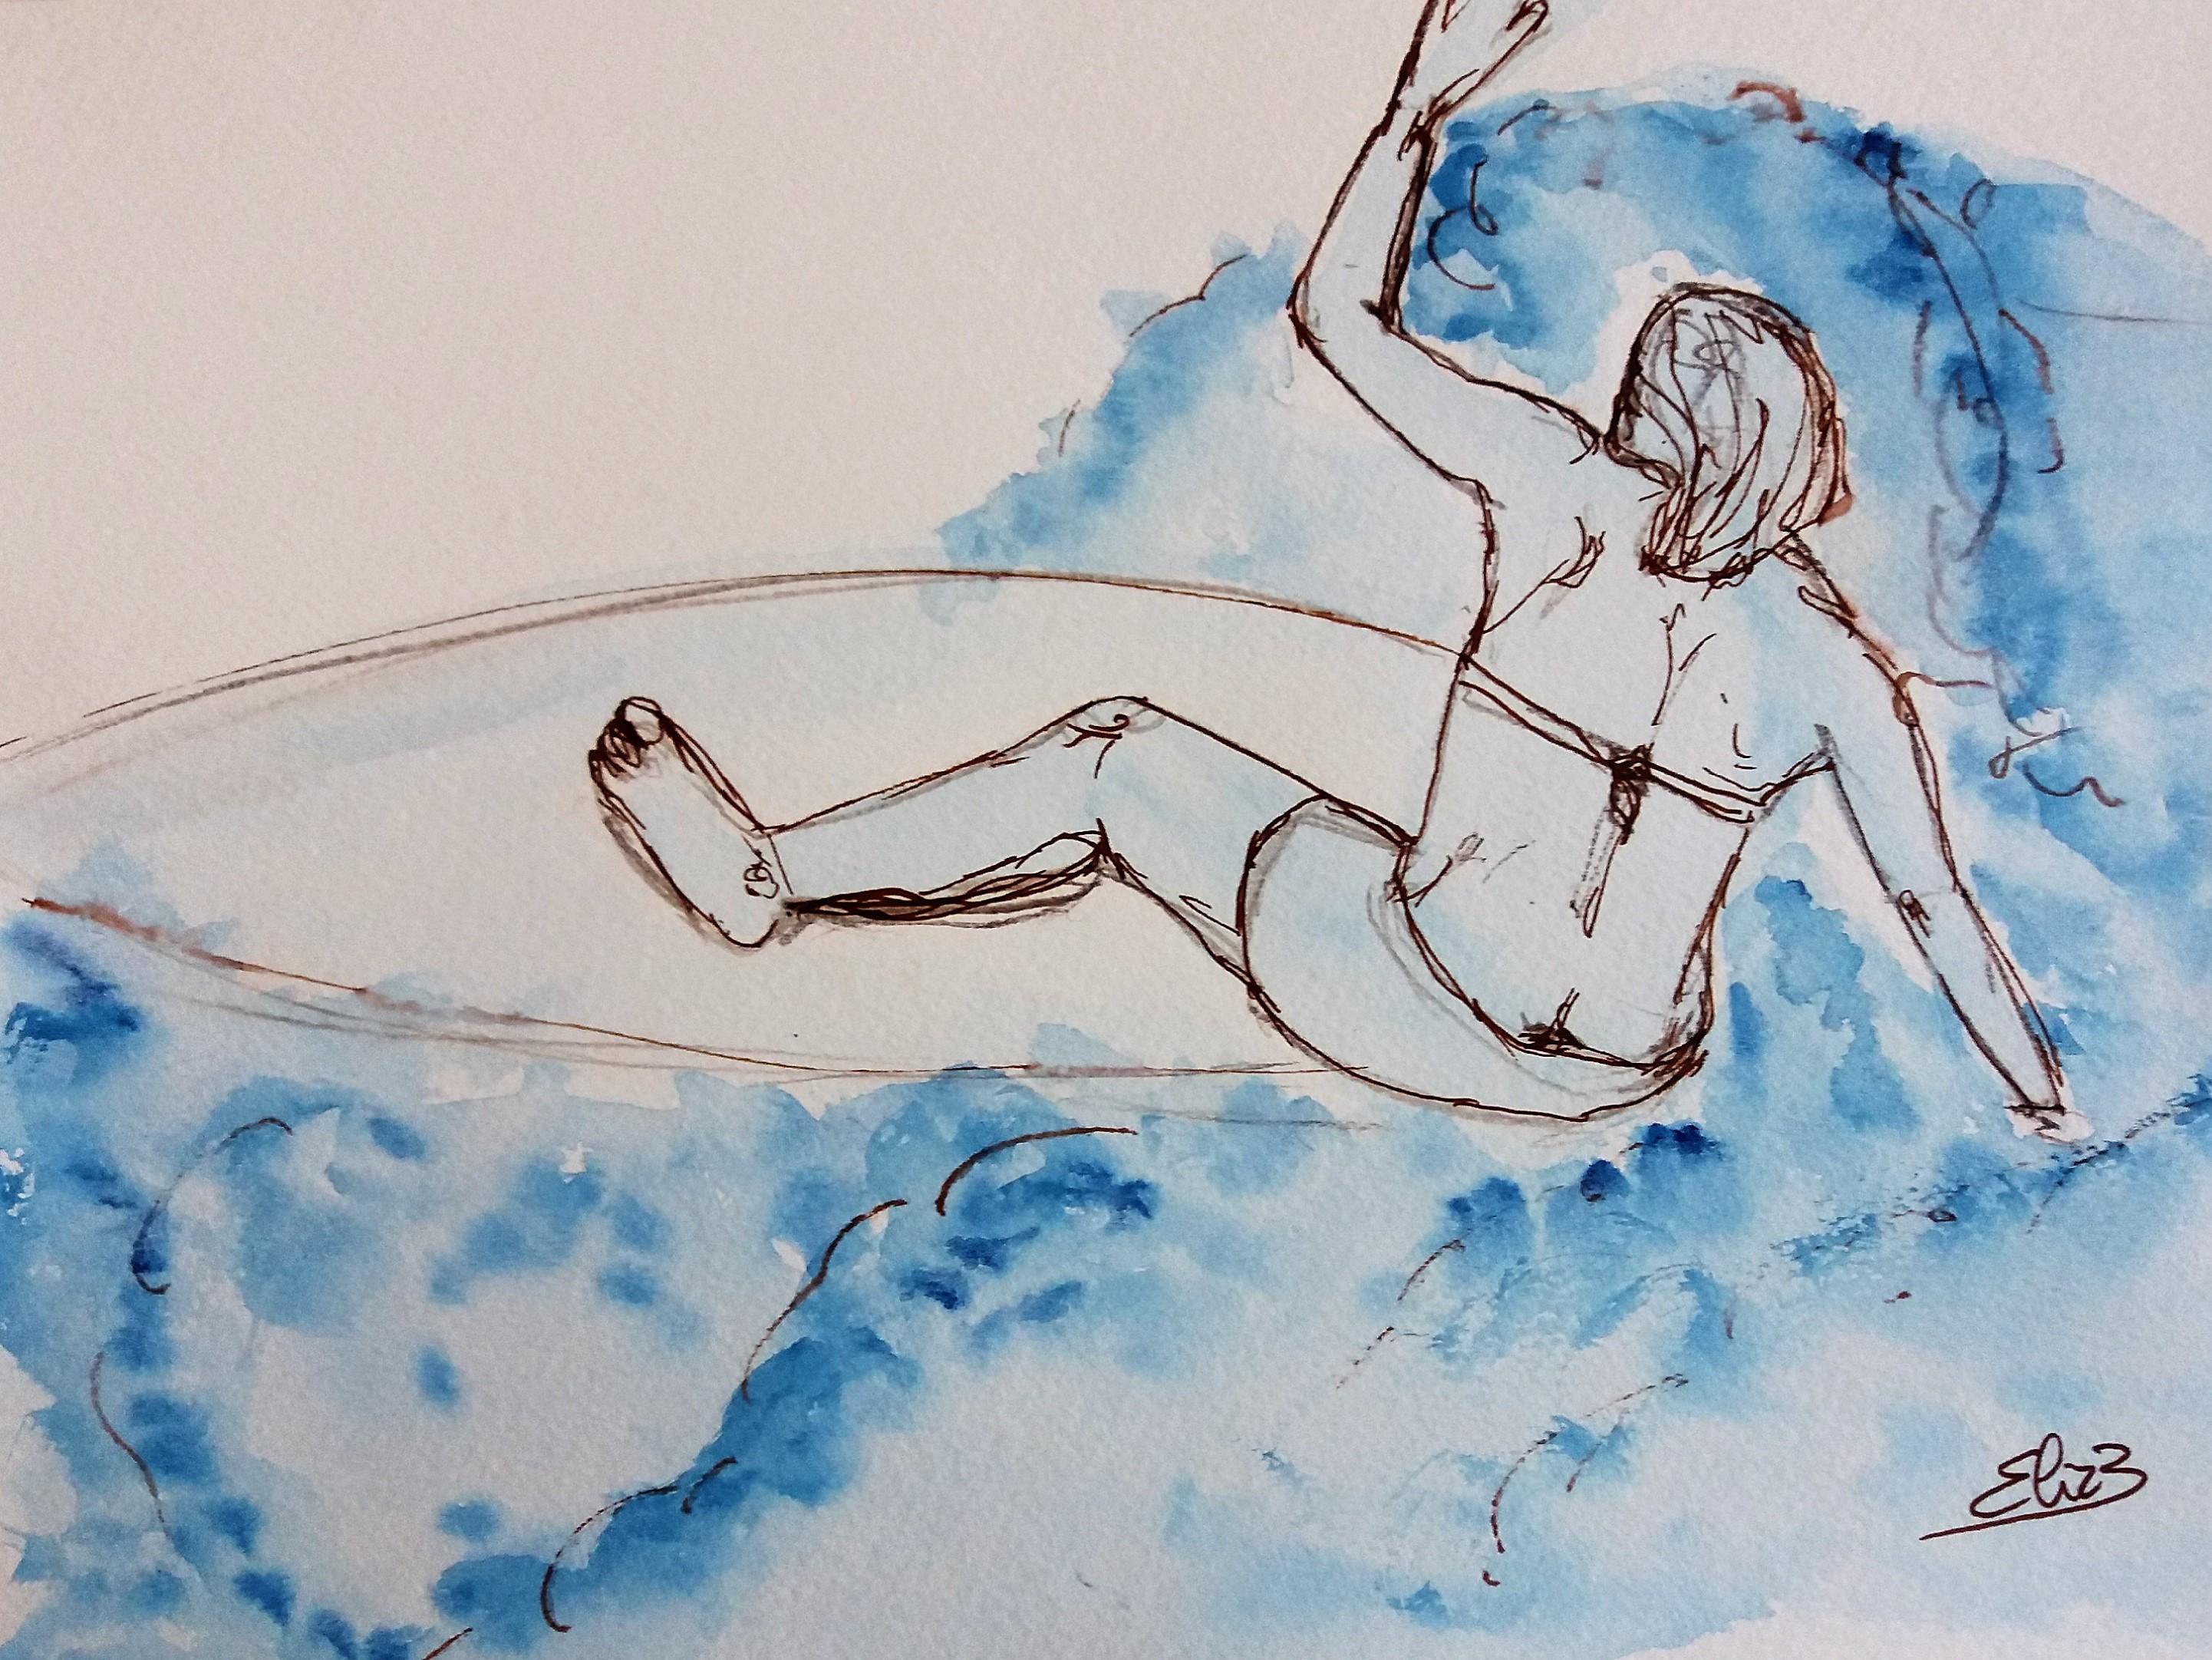 surfer sur la vague, surfeuse sur la plage, dessin esquisse par elize pour pigmentropie encre bleu et trait marron tomber rouleau